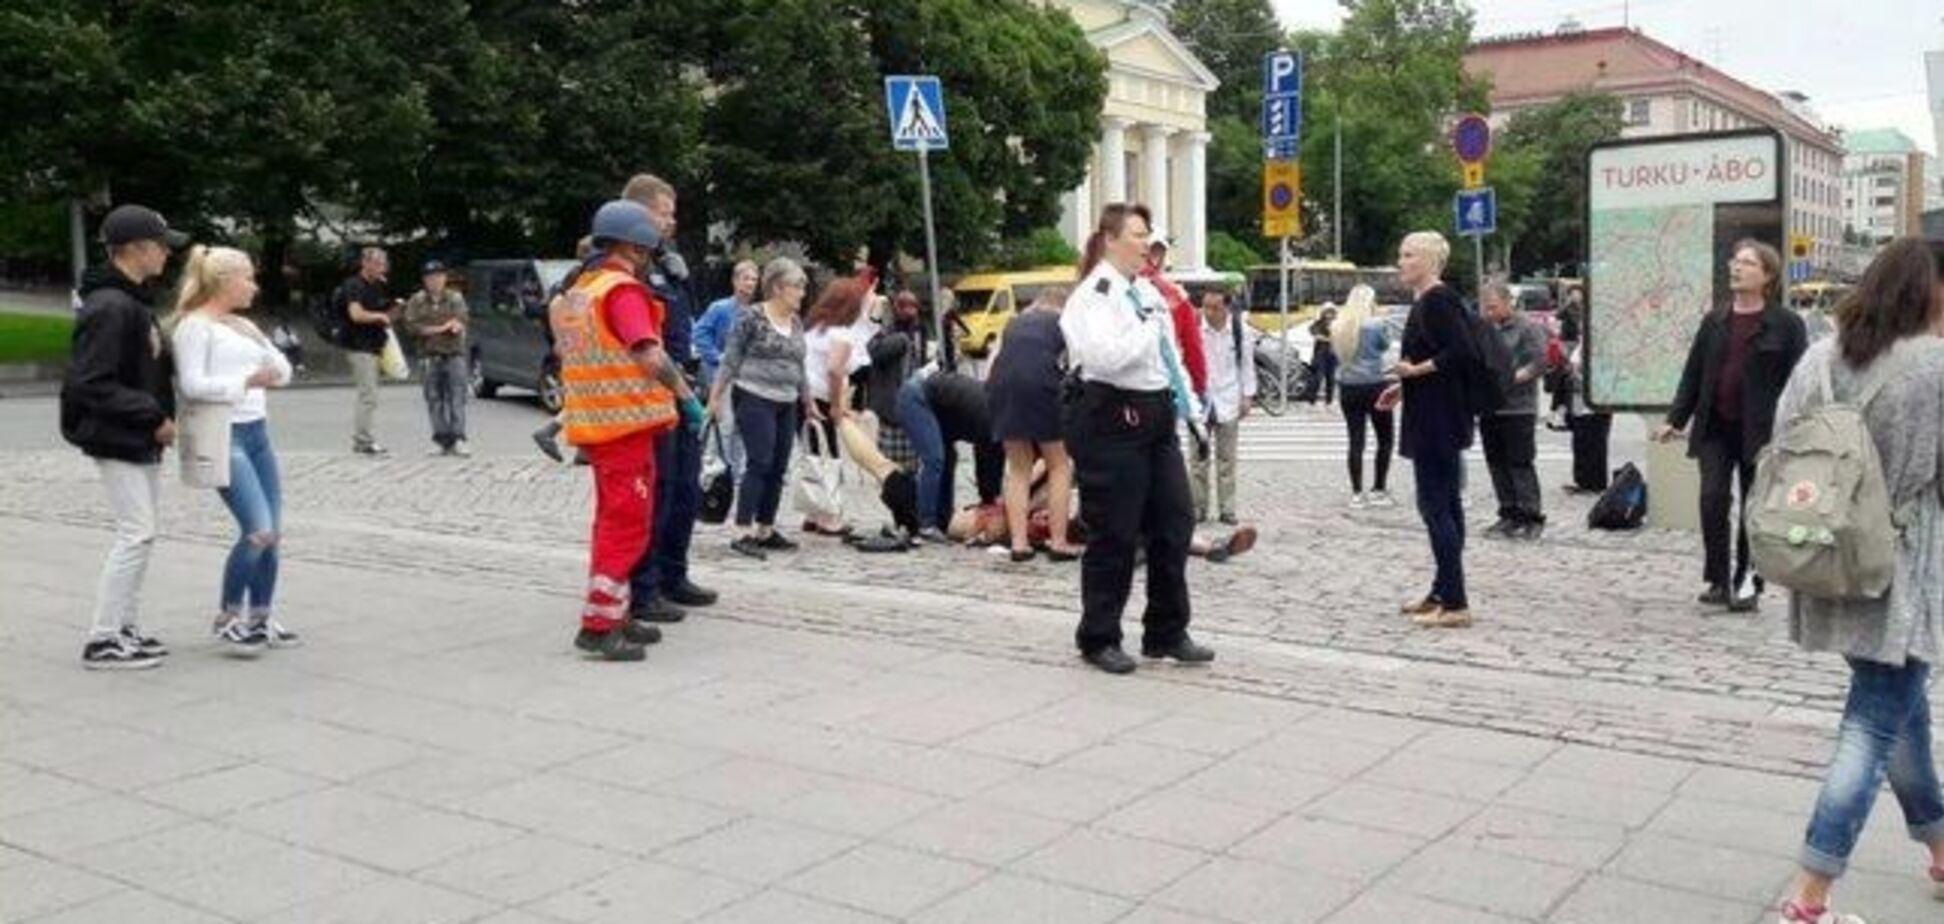 Різанина посеред вулиці у Фінляндії: з'явилася інформація про вбивцю